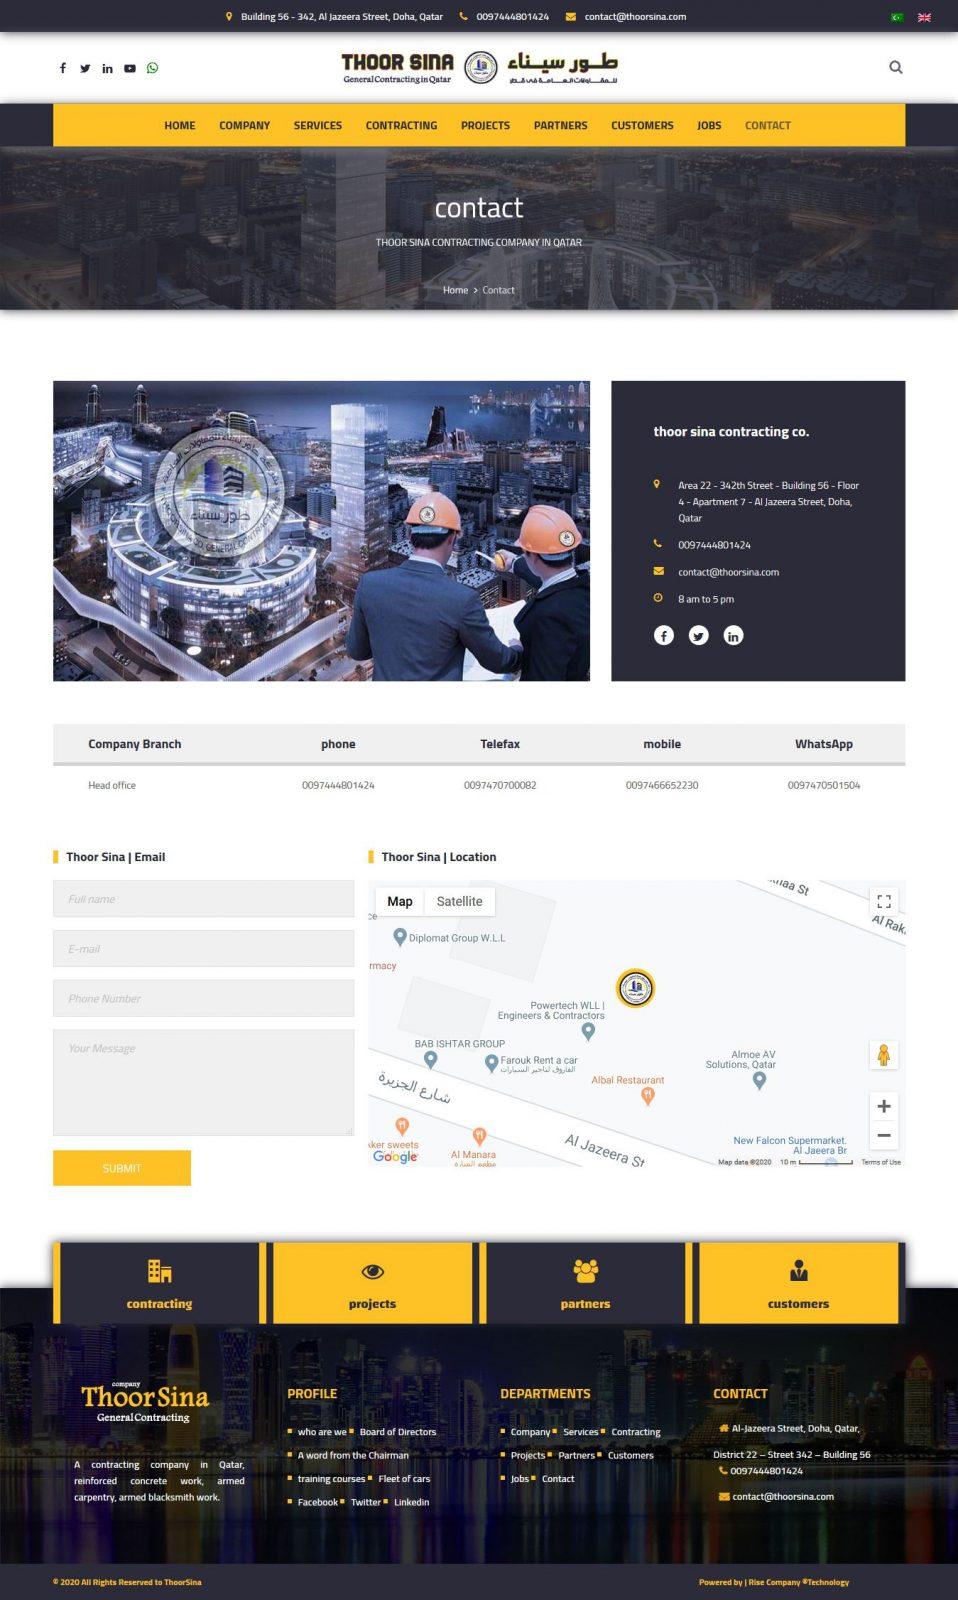 تصميم موقع | تصميم موقع شركة | تصميم موقع الكتروني